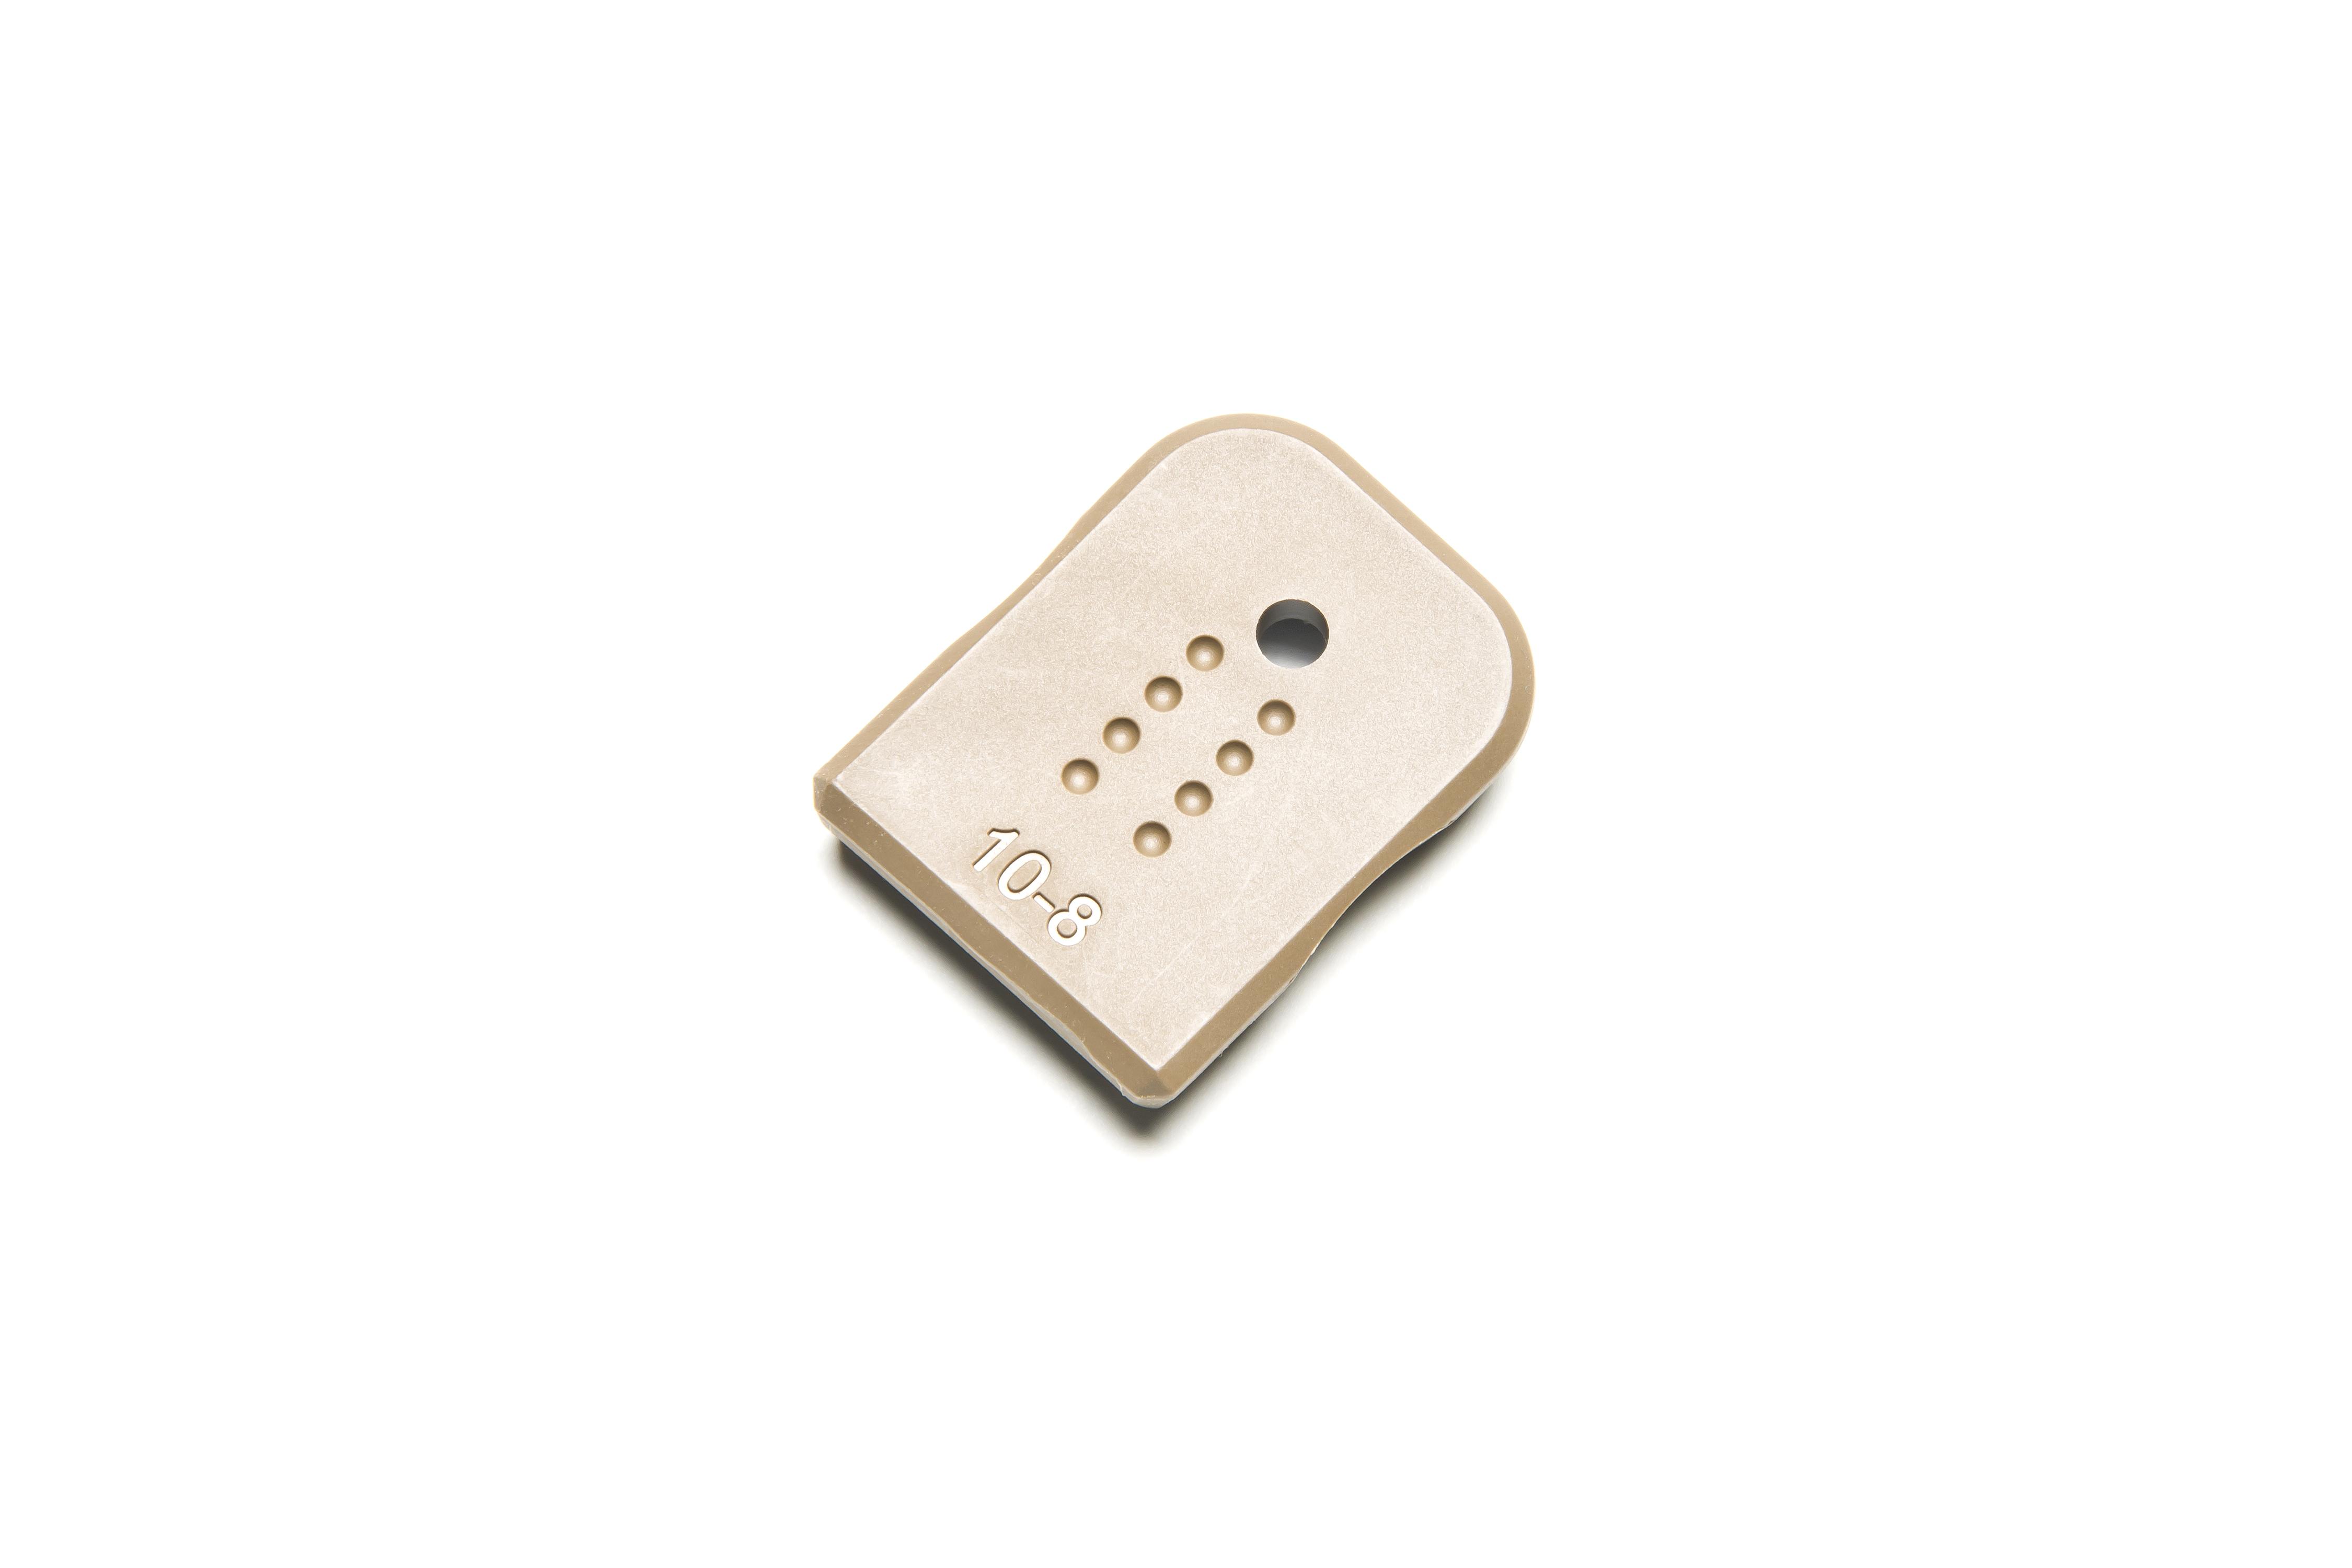 10-8fdeglockbaseplate-white01-4500.jpg